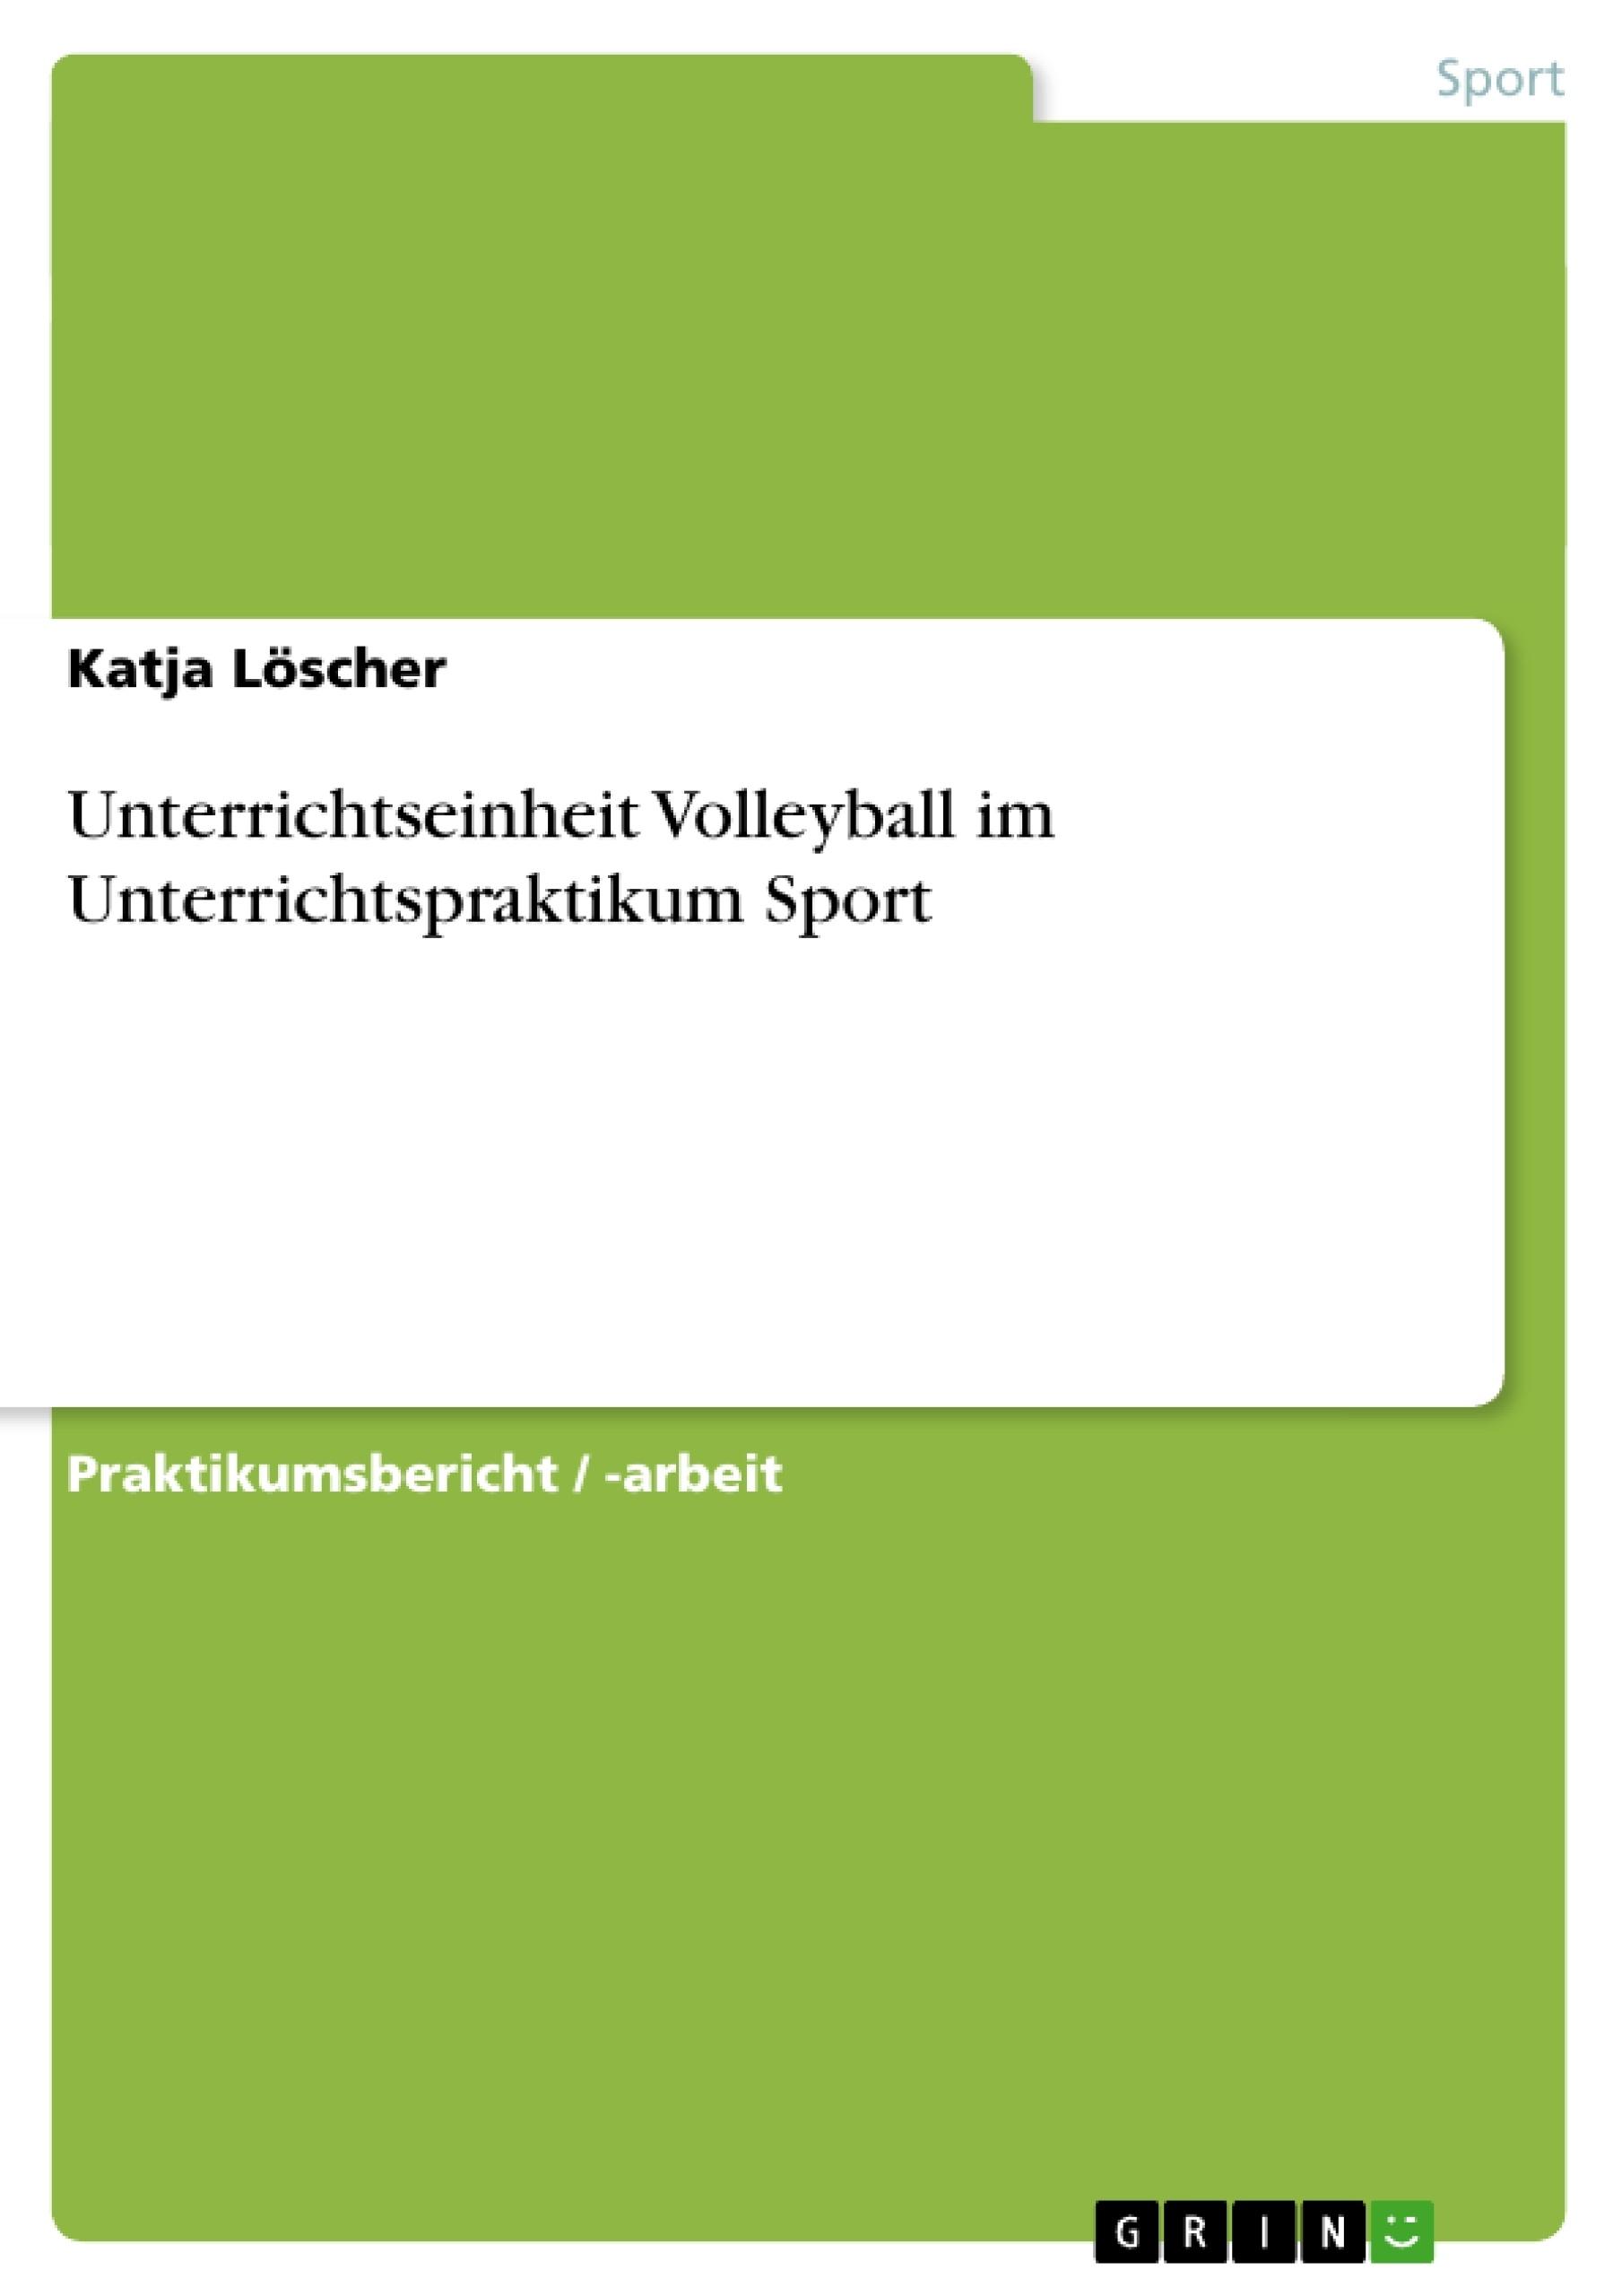 Titel: Unterrichtseinheit Volleyball im Unterrichtspraktikum Sport